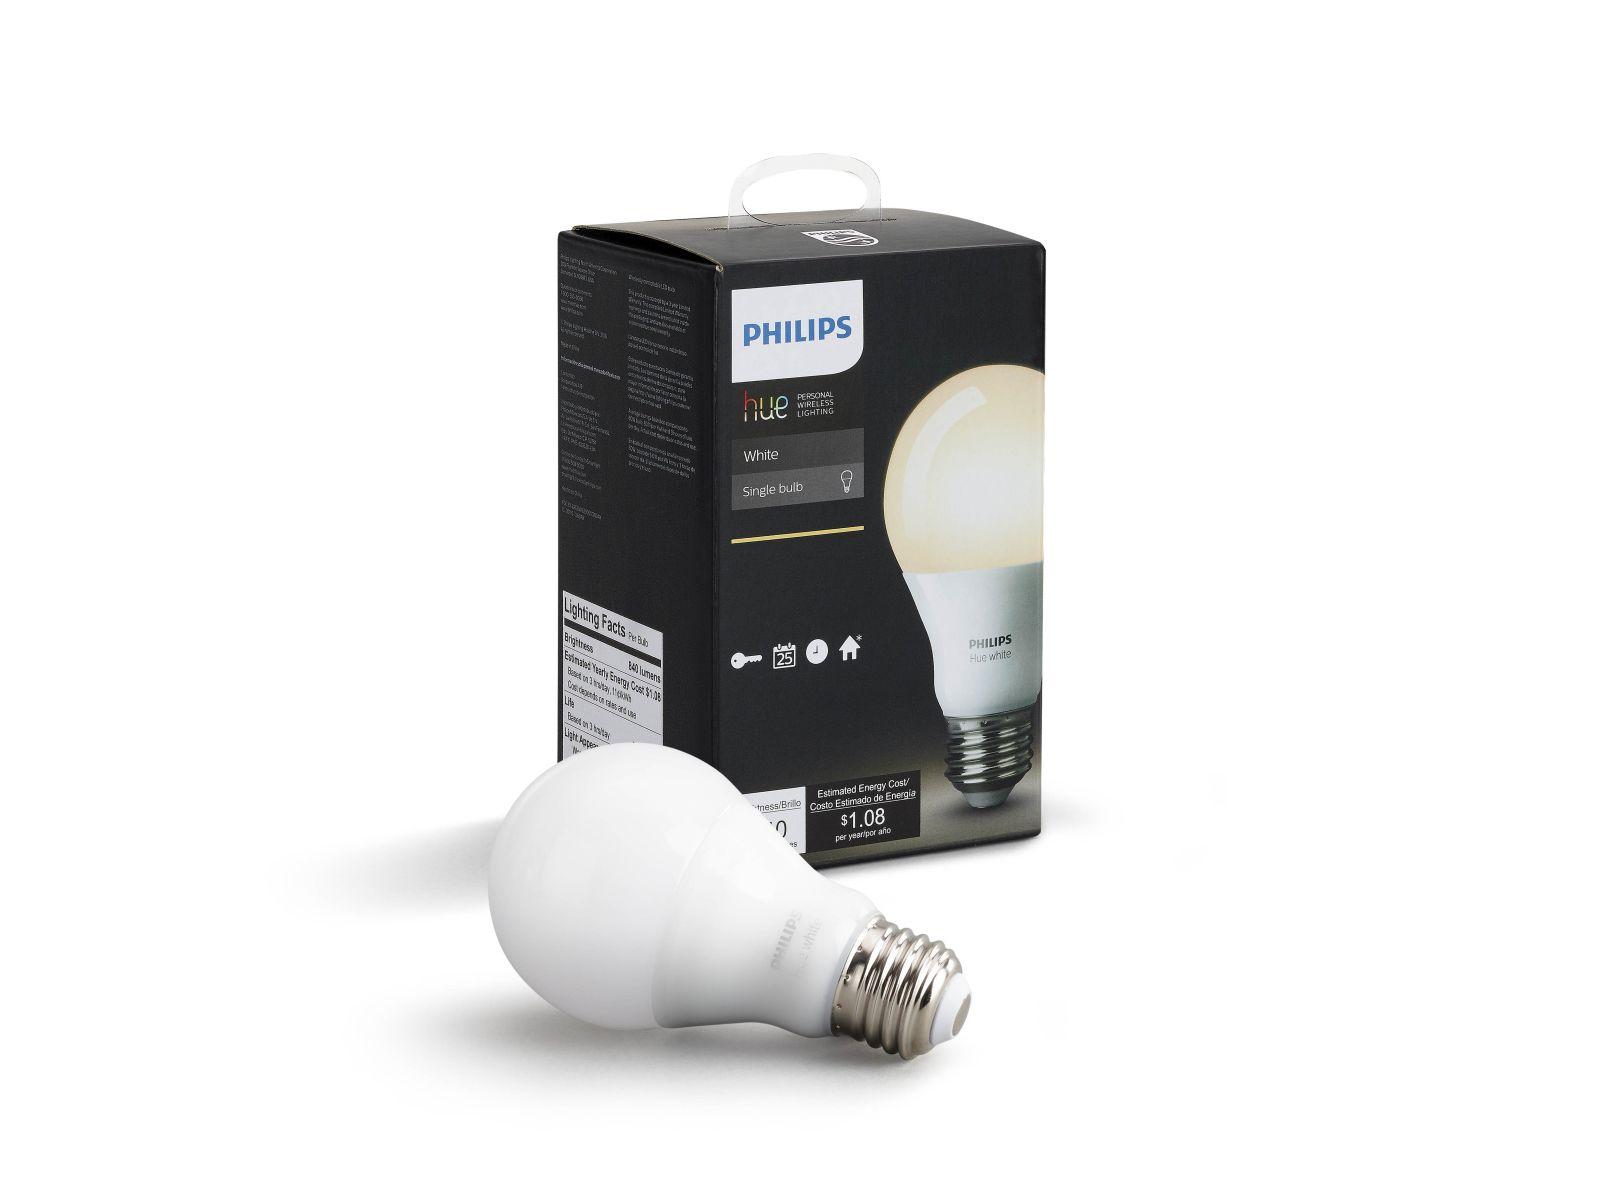 Philips Hue LED E27 Erweiterung warmweiß 9,5W dimmbar bis Kaltweiß